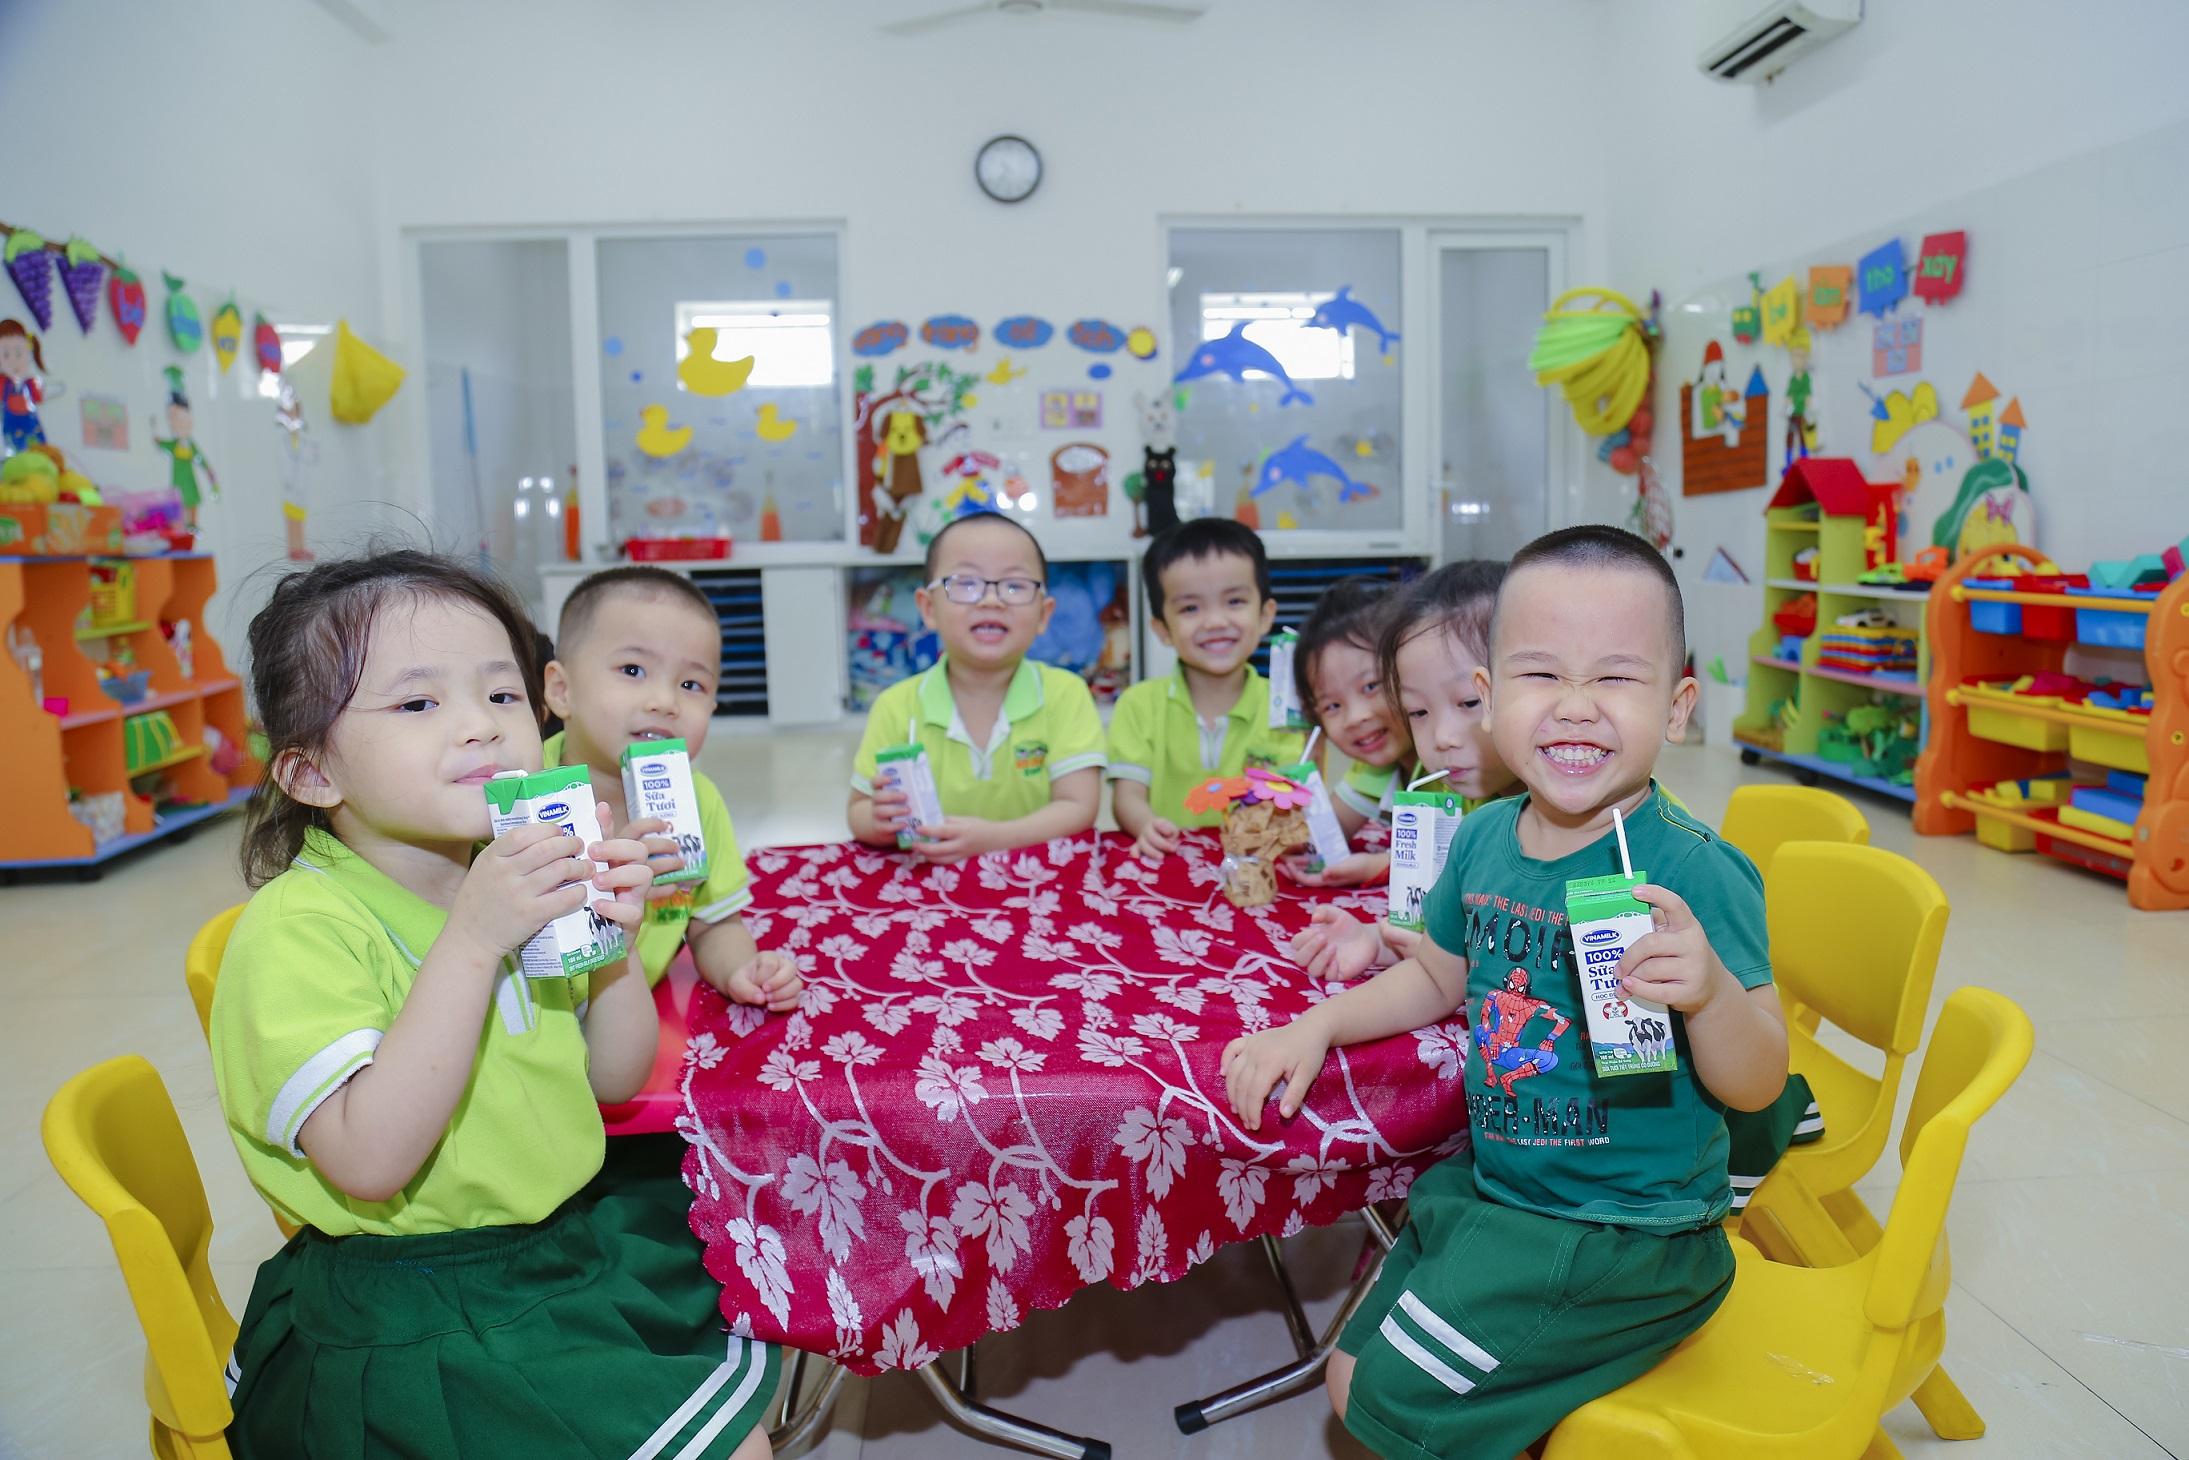 Đà Nẵng tổ chức hội nghị sơ kết đề án sữa học đường giai đoạn 2018-2020 - Ảnh 1